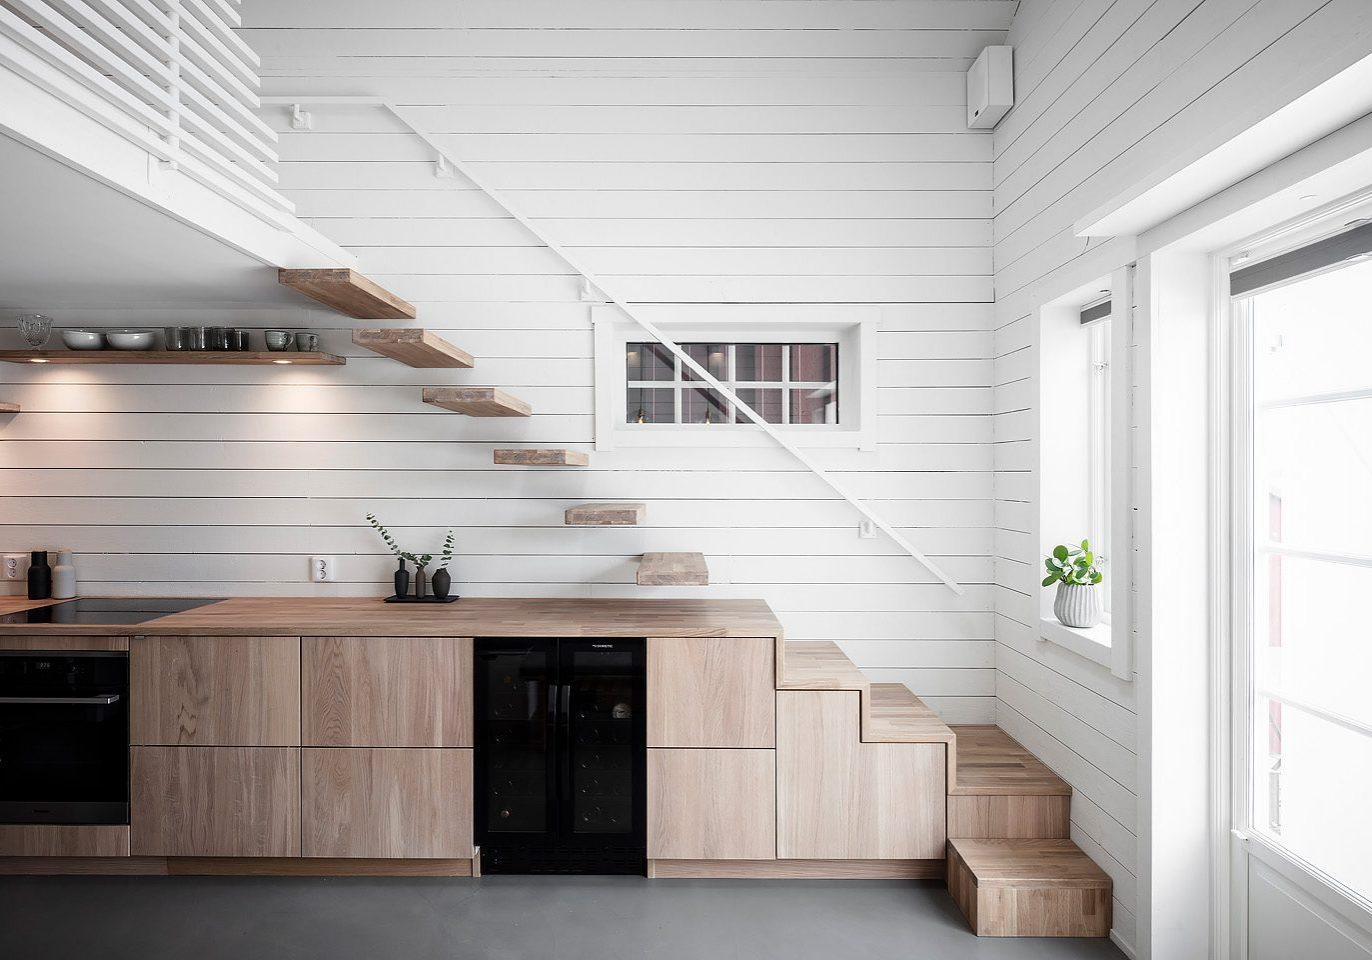 platsbyggt, finsnickeri, Ballingslöv, kök, custom made, belid, daniels finsnickeri, a3 byggprojekt.